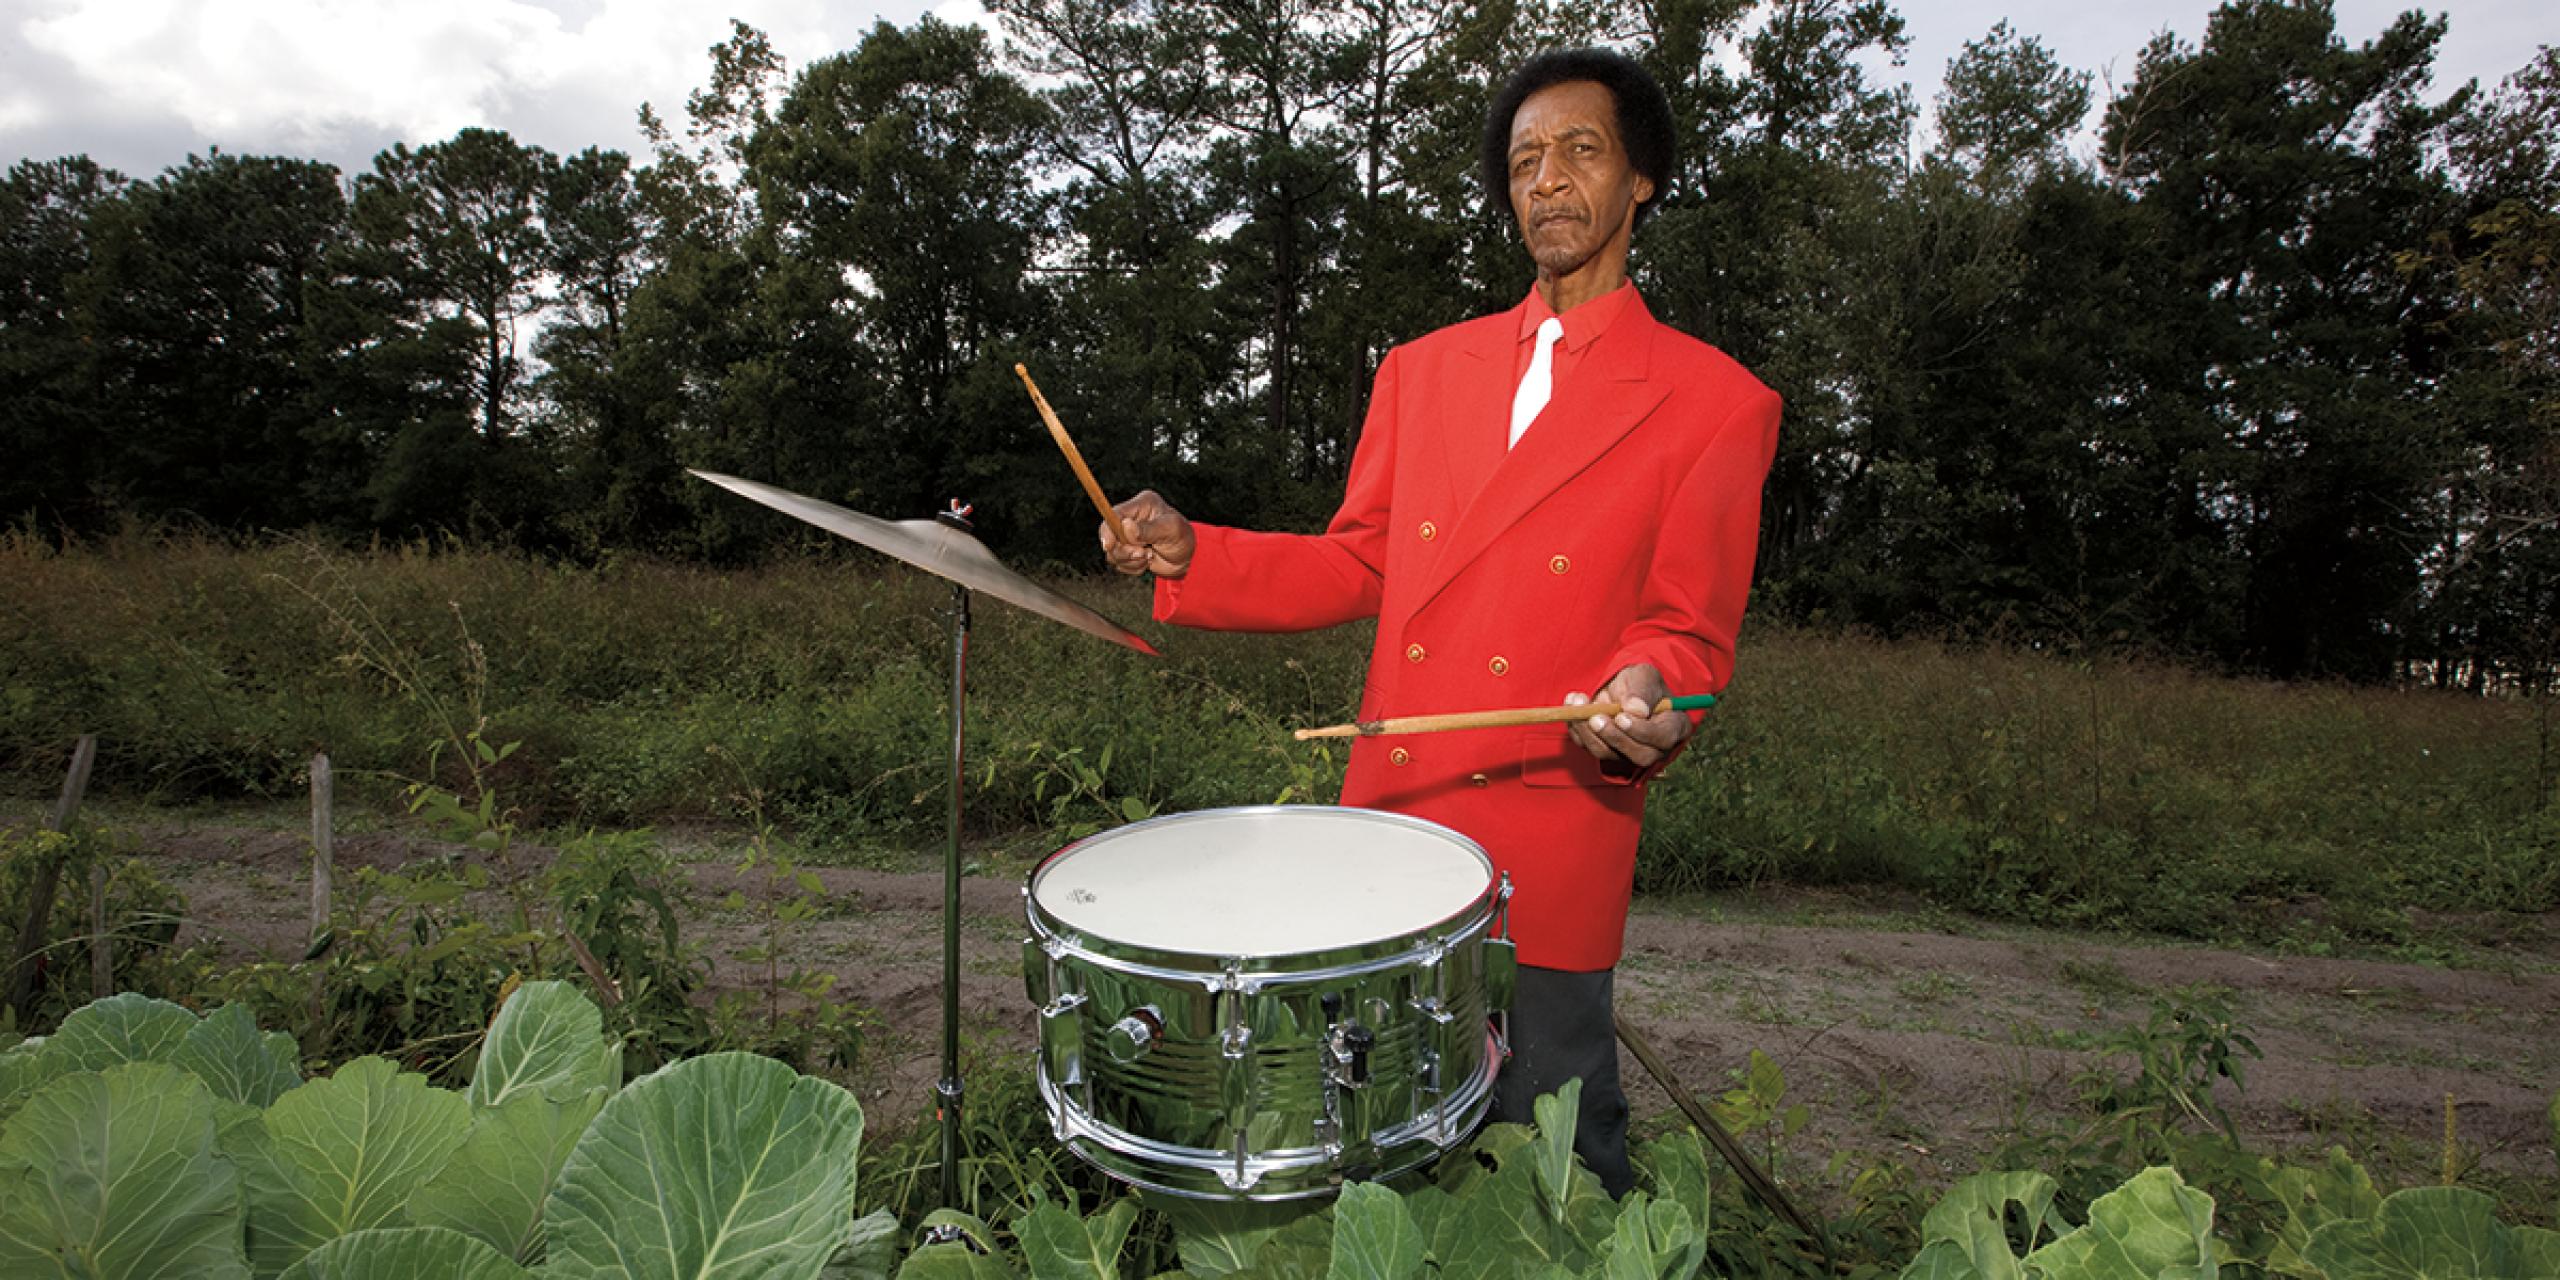 """克莱米·""""Fig""""·琼斯(Clemmie""""Fig""""Jones)住在新泽西州平克山(Pink Hill)他家附近.C. 他是一名节奏布鲁斯和摇滚鼓手特色的非洲裔美国人音乐之路项目."""